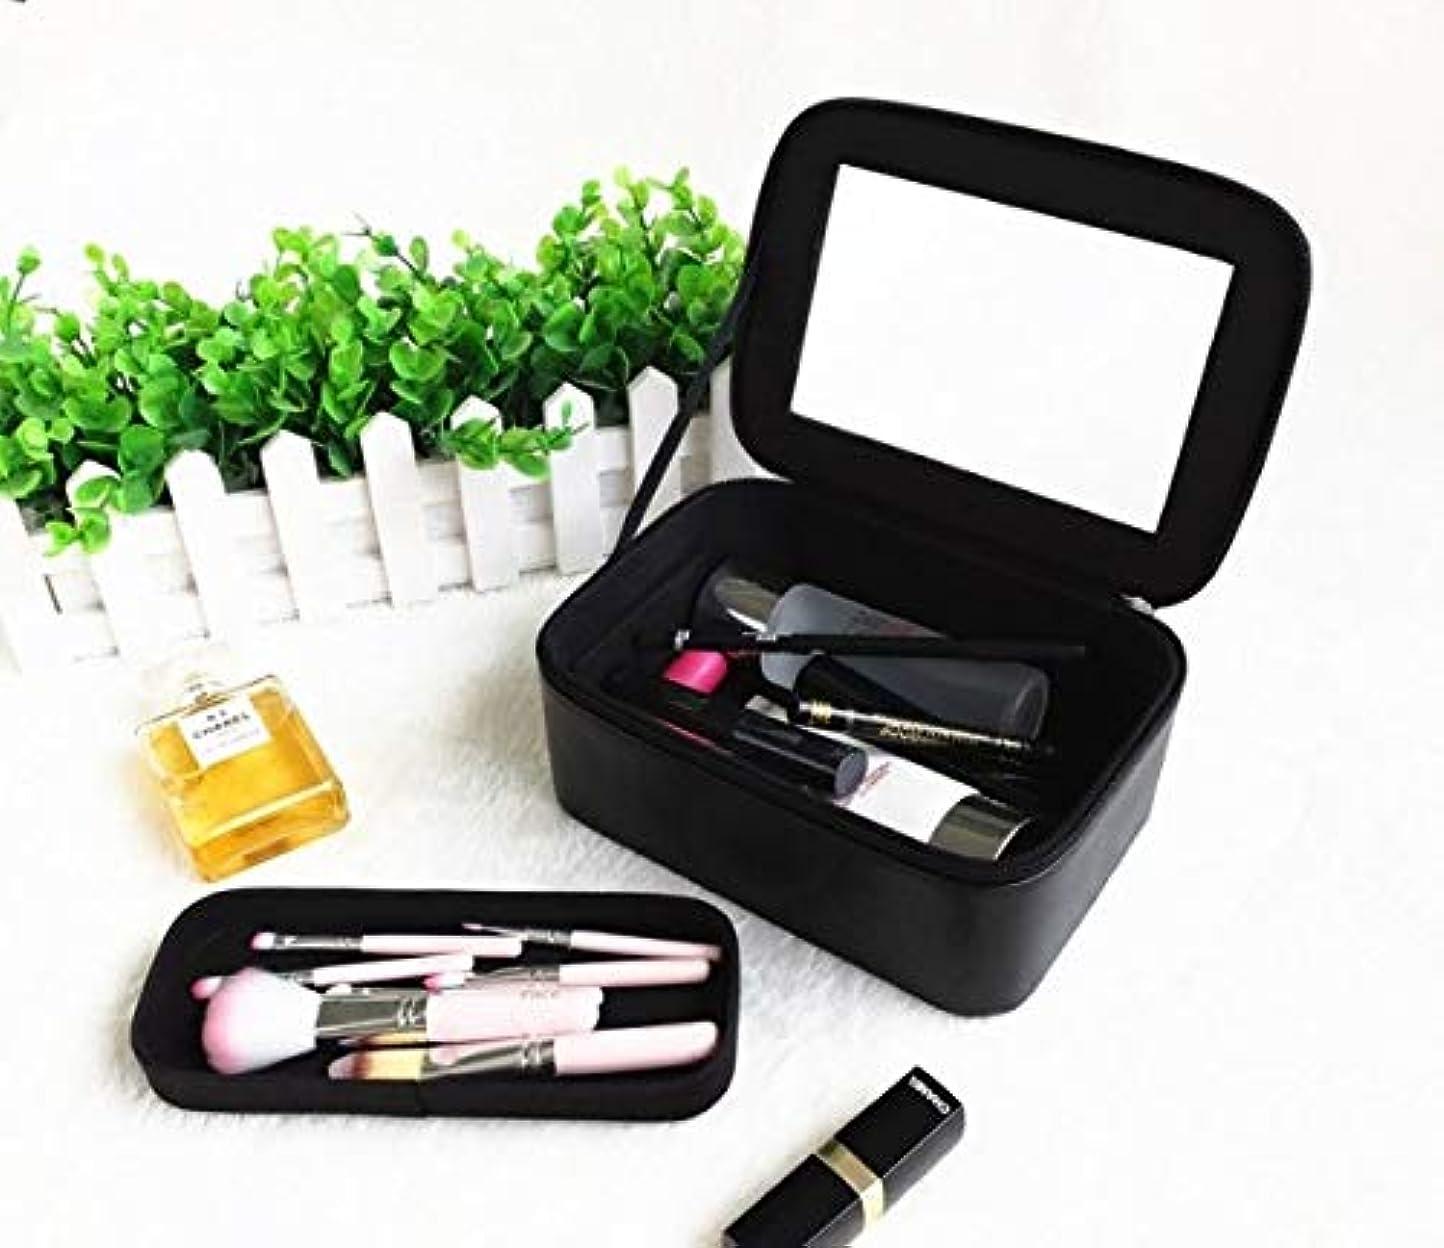 化粧箱、大容量防水ミラーポータブル化粧品ケース、ポータブルトラベル化粧品バッグ収納袋、美容ネイルジュエリー収納ボックス (Color : ブラック)